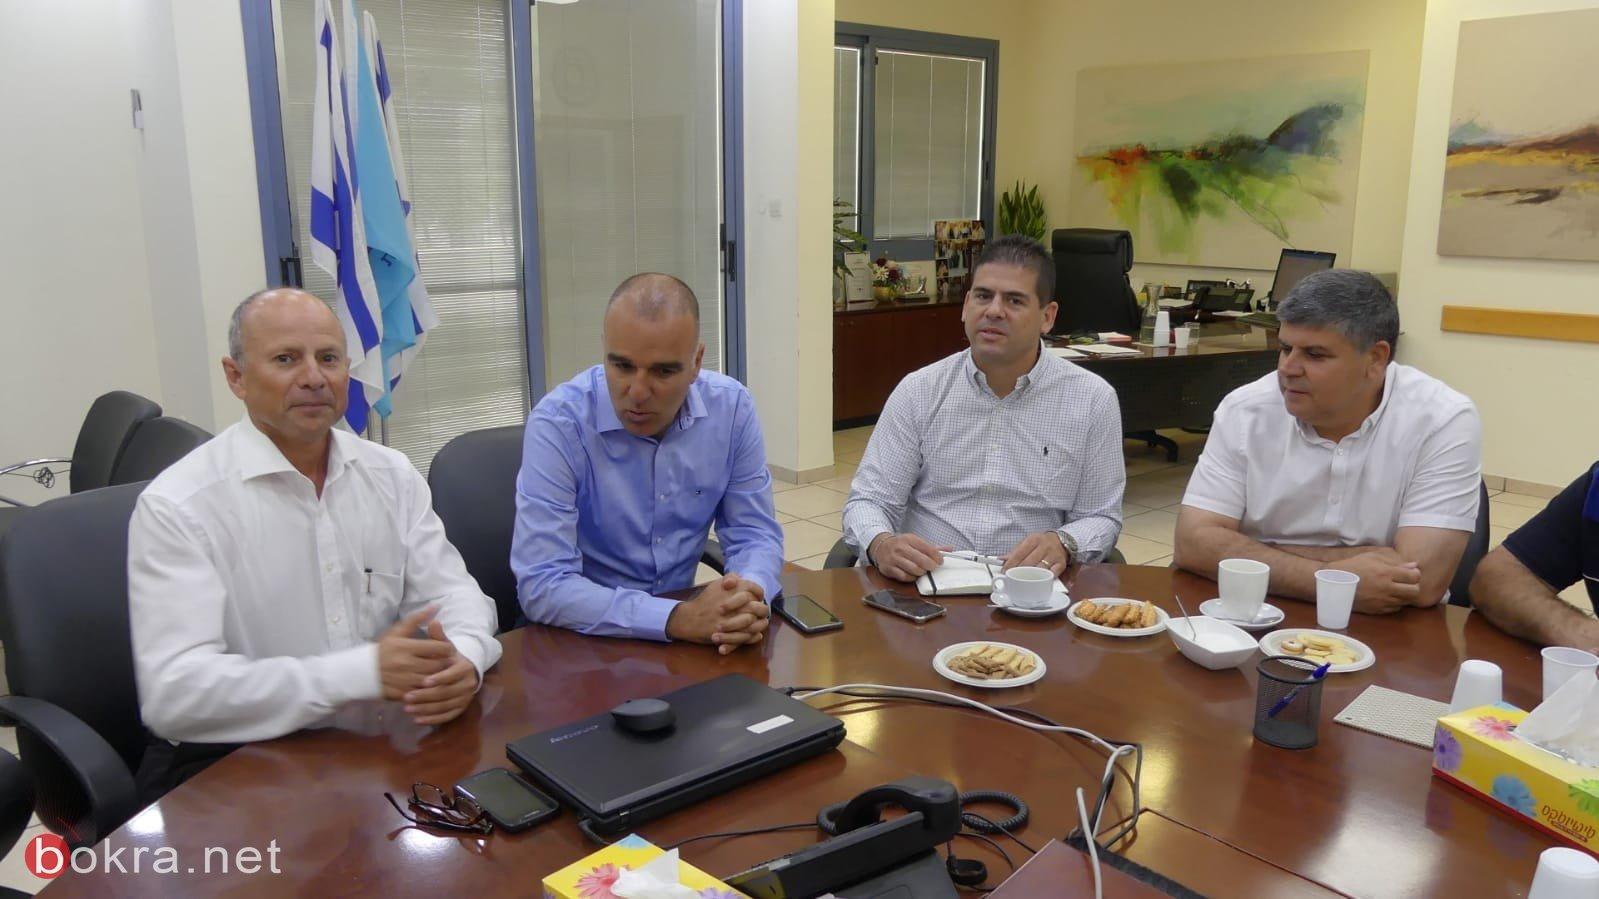 بحضور رئيس بلديّة ام الفحم ورئيس العفولة: توقيع اتفاق استئجار ملعب العفولة لفريق هبوعيل ام الفحم